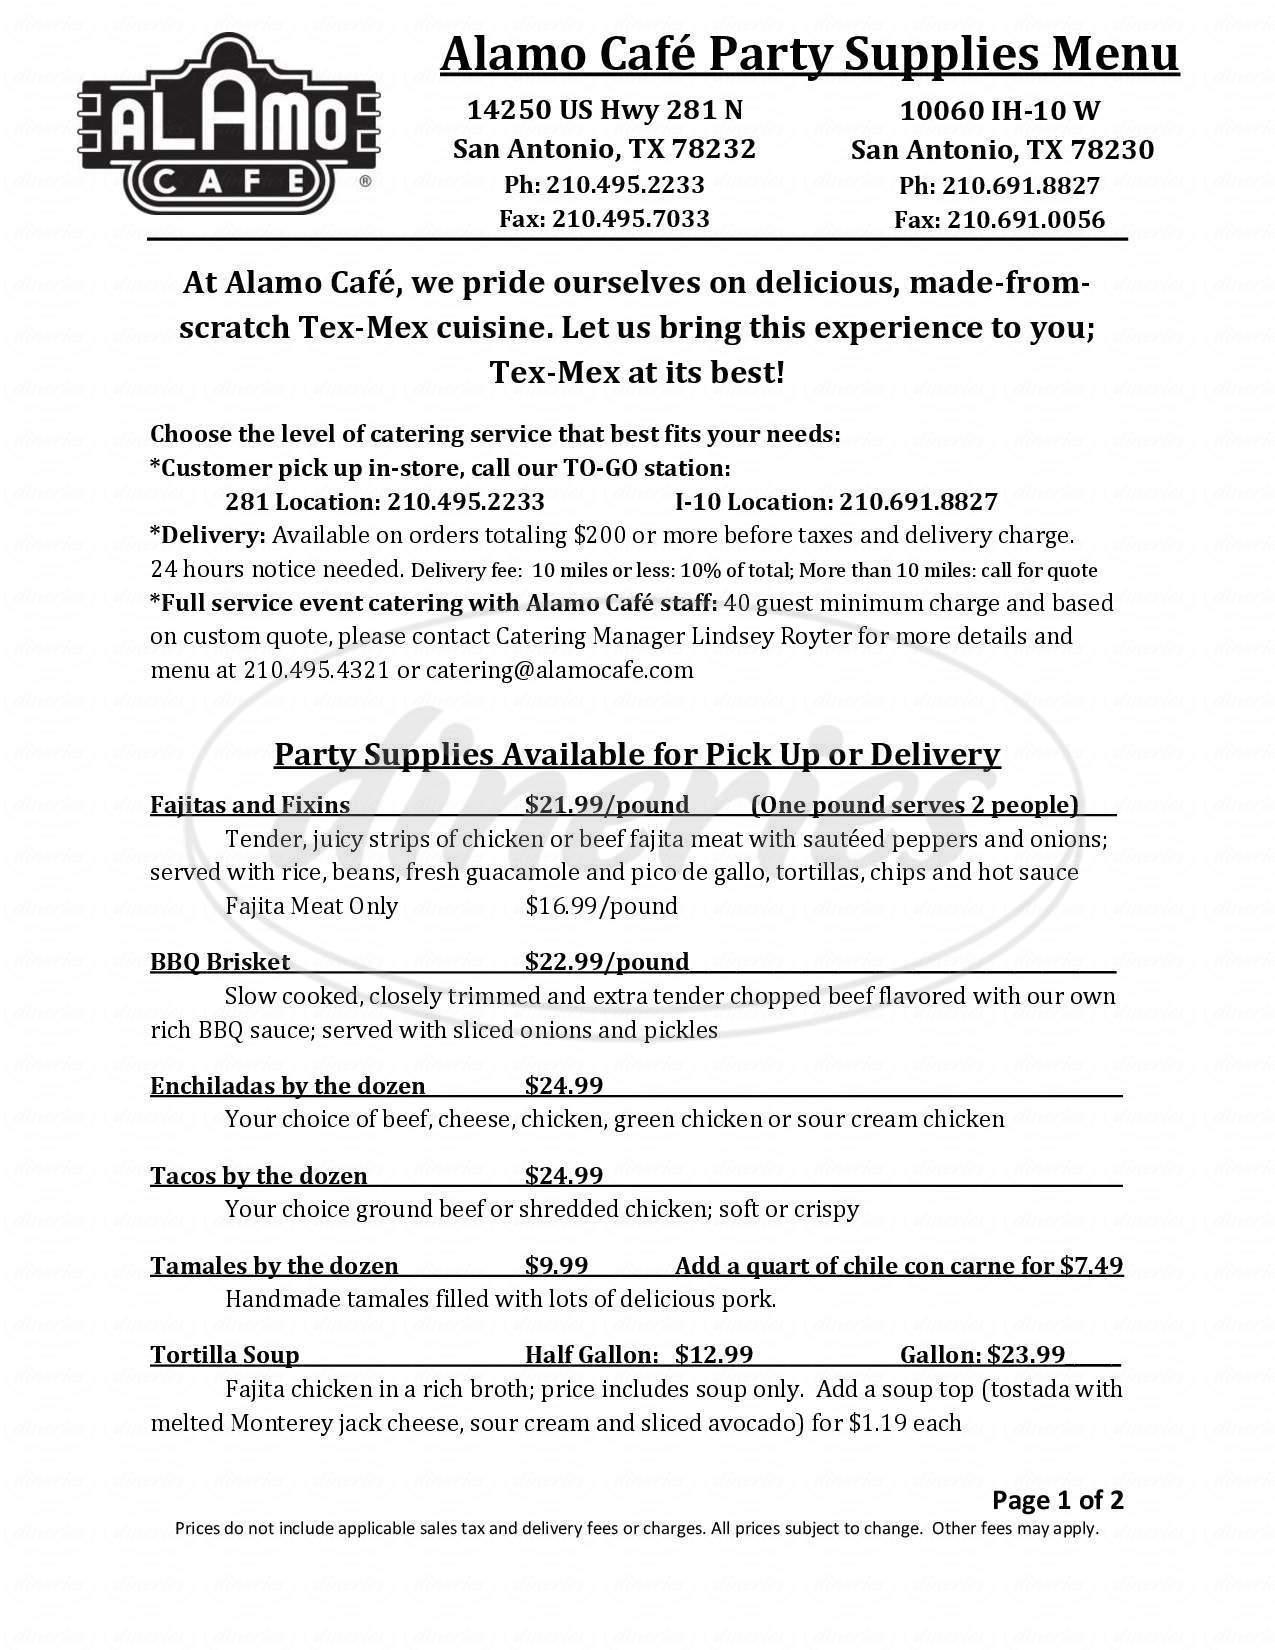 menu for Alamo Cafe